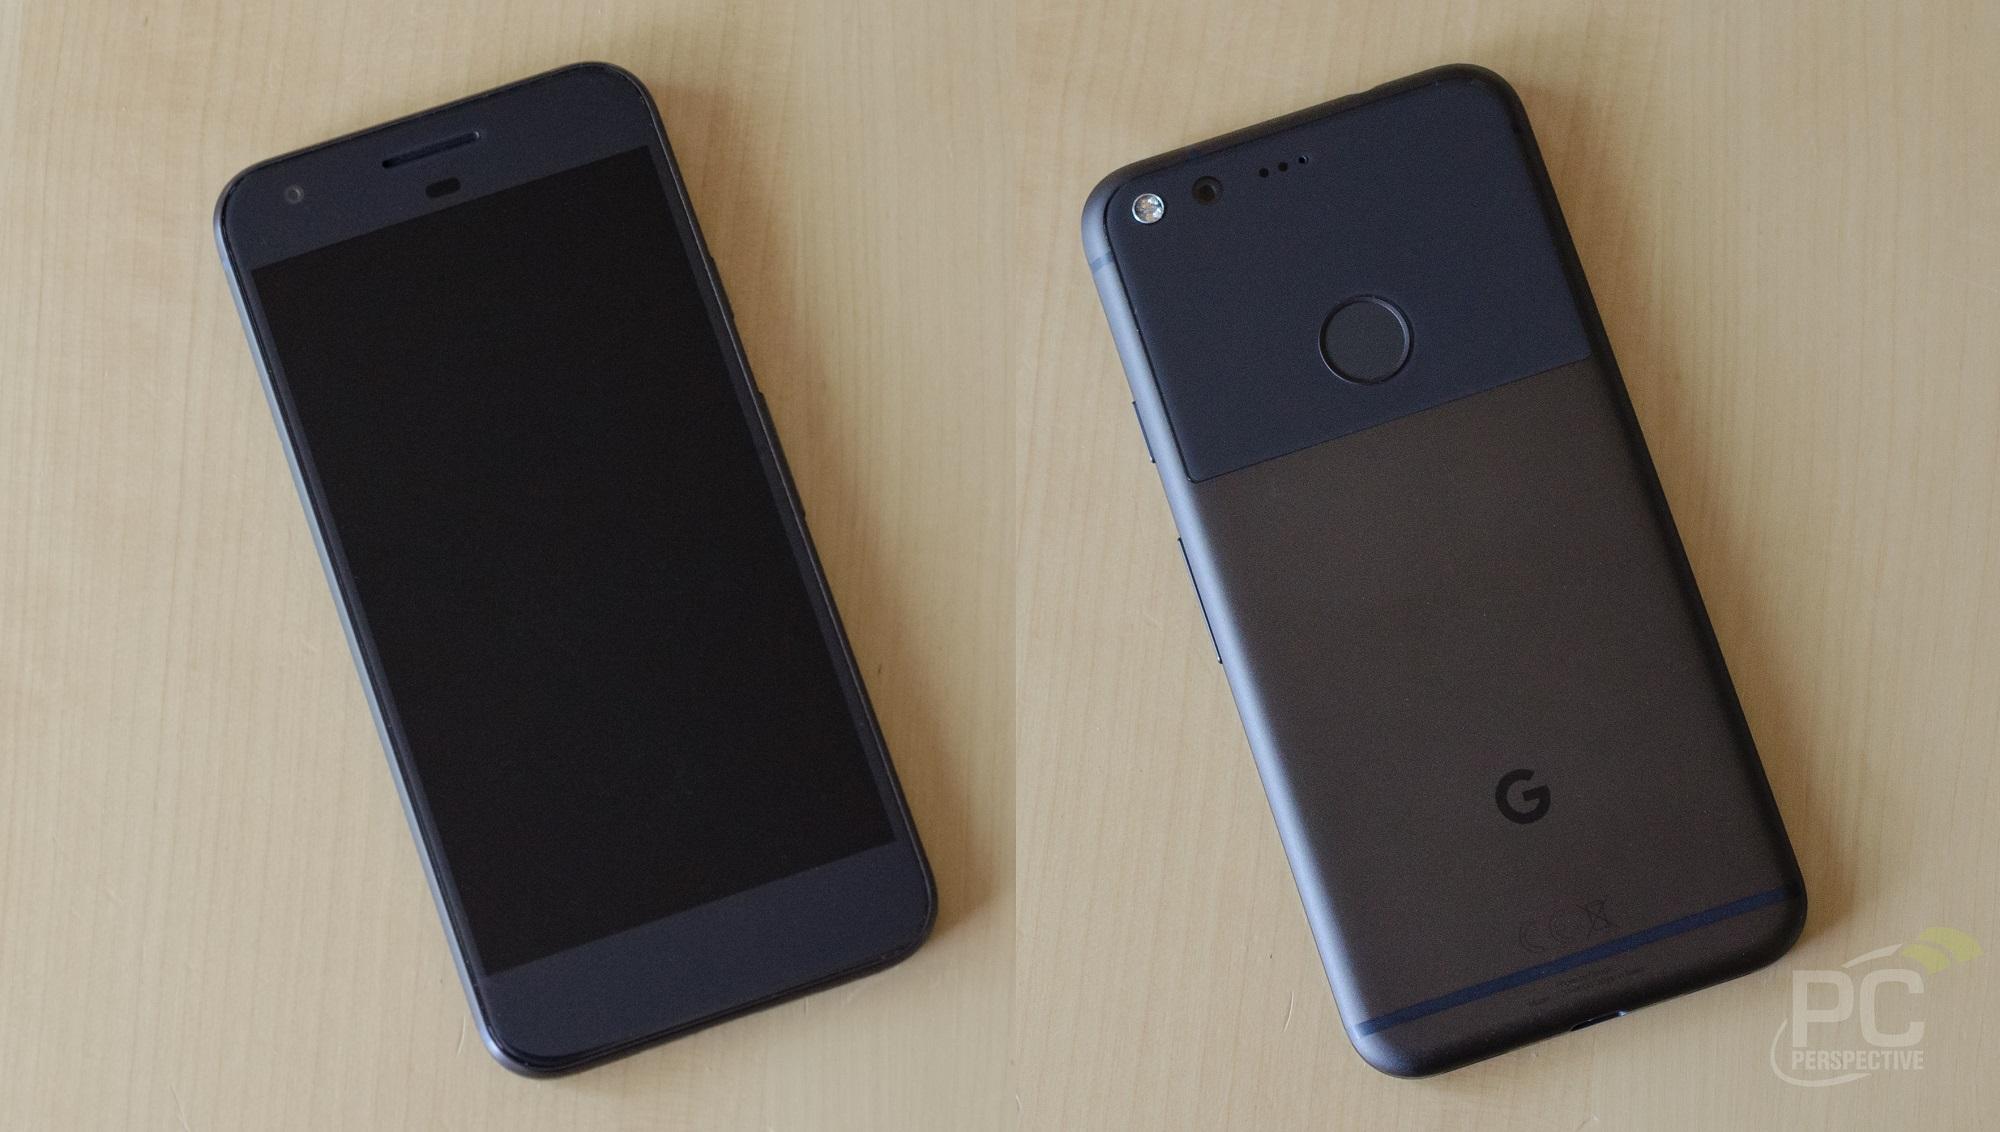 pixel-front-back.jpg